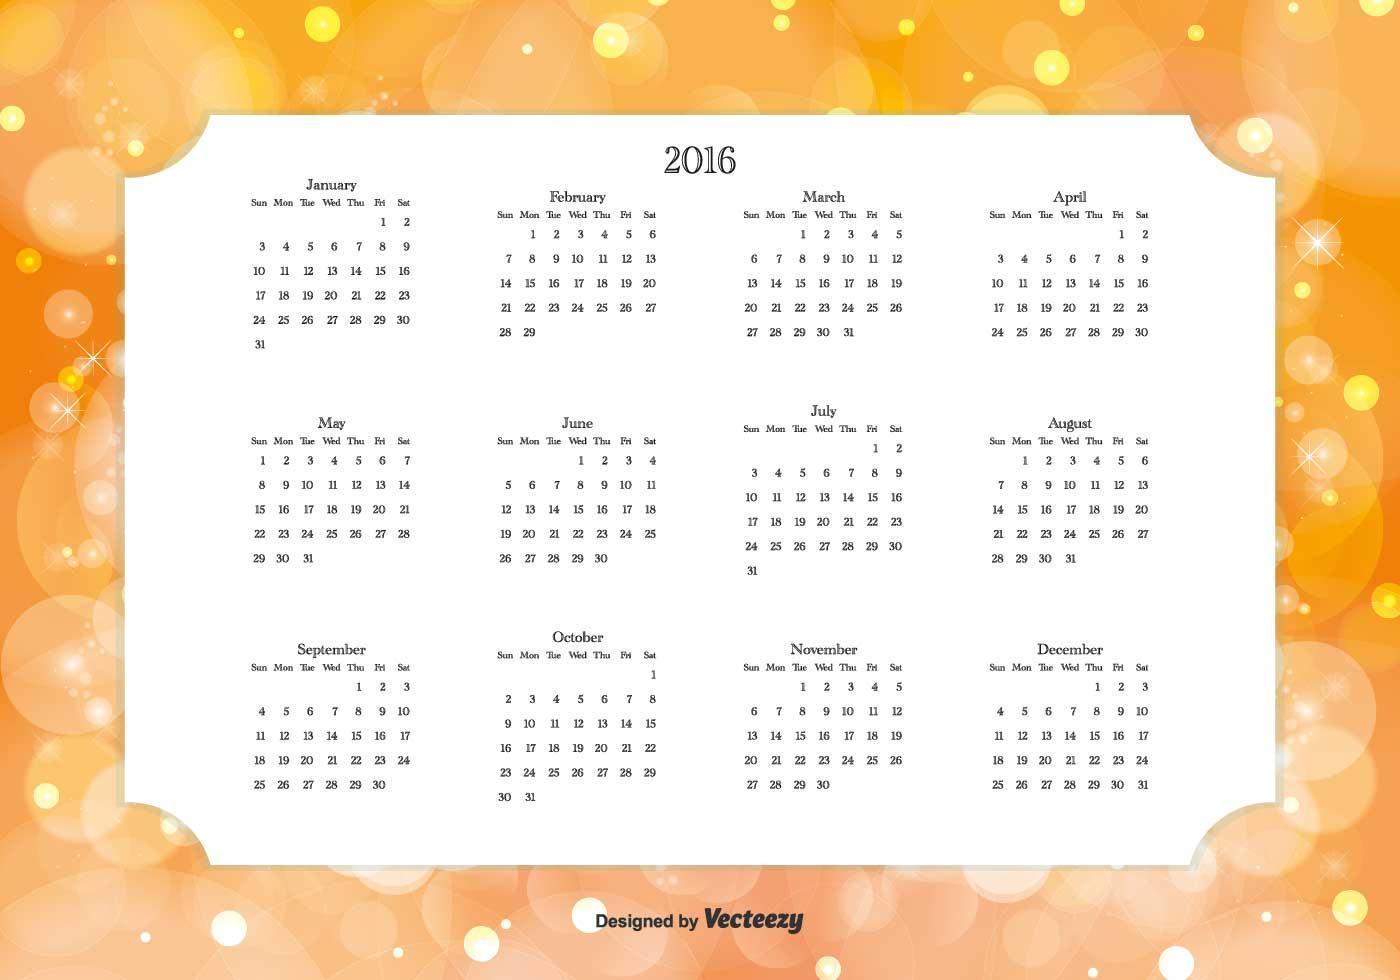 Calendar Illustration Vector : Calendar illustration download free vector art